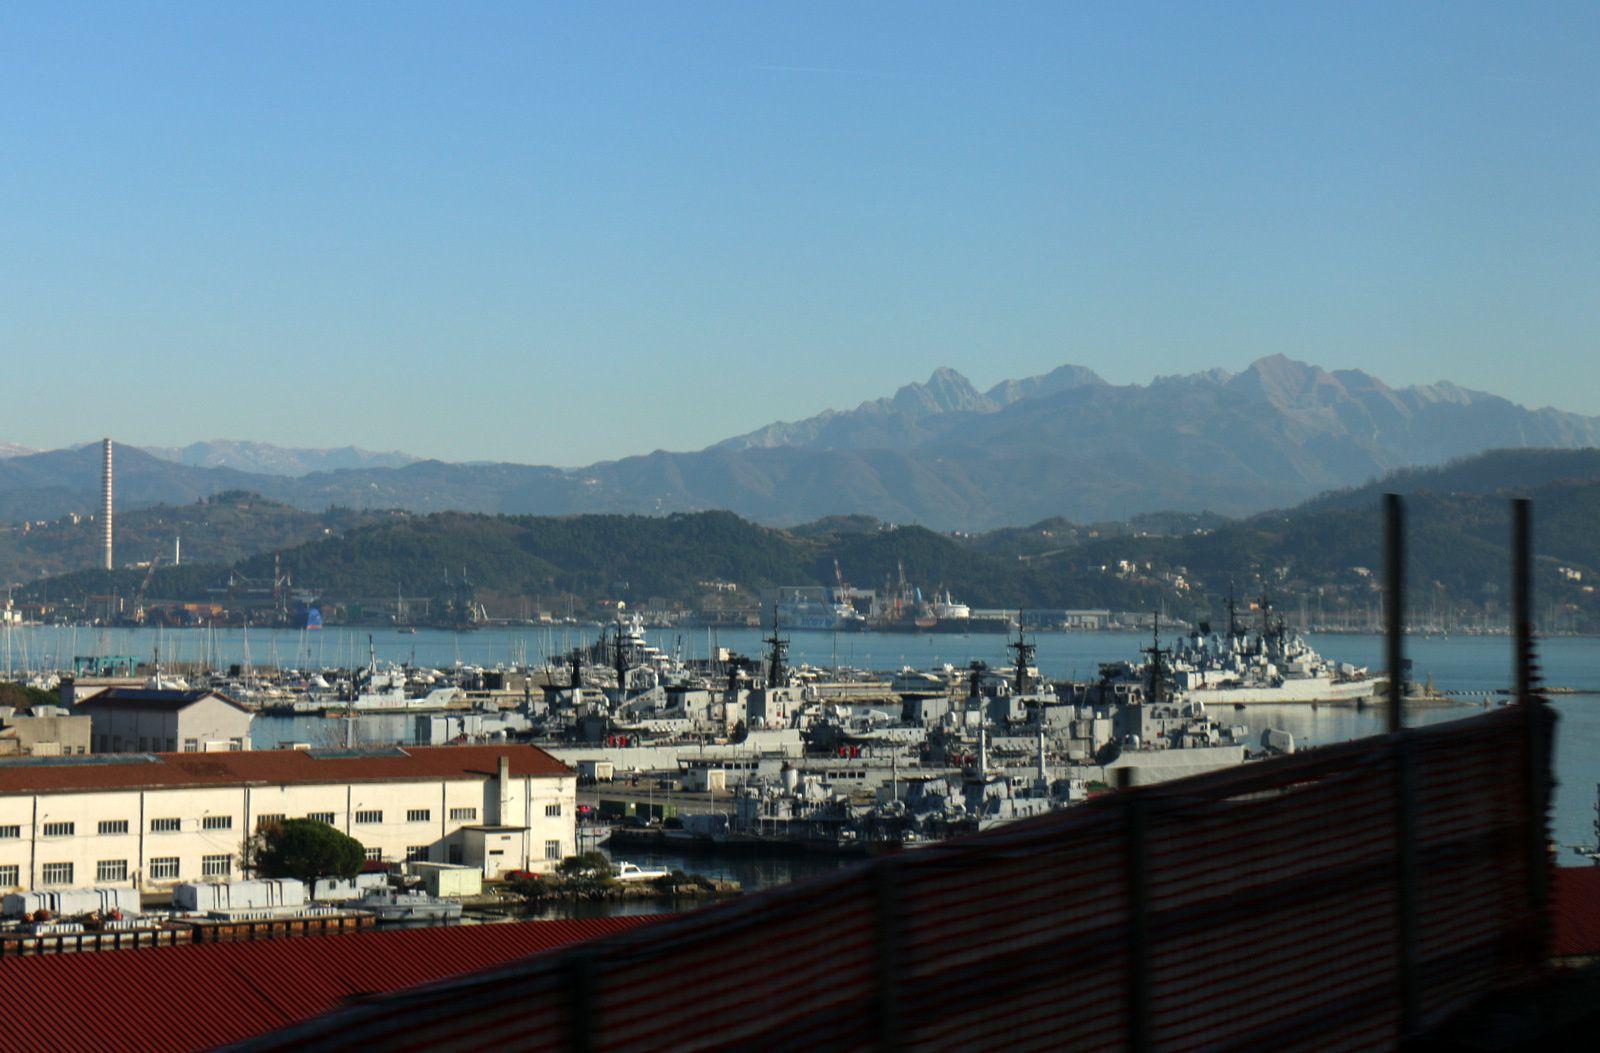 Le port militaire de La Spezia